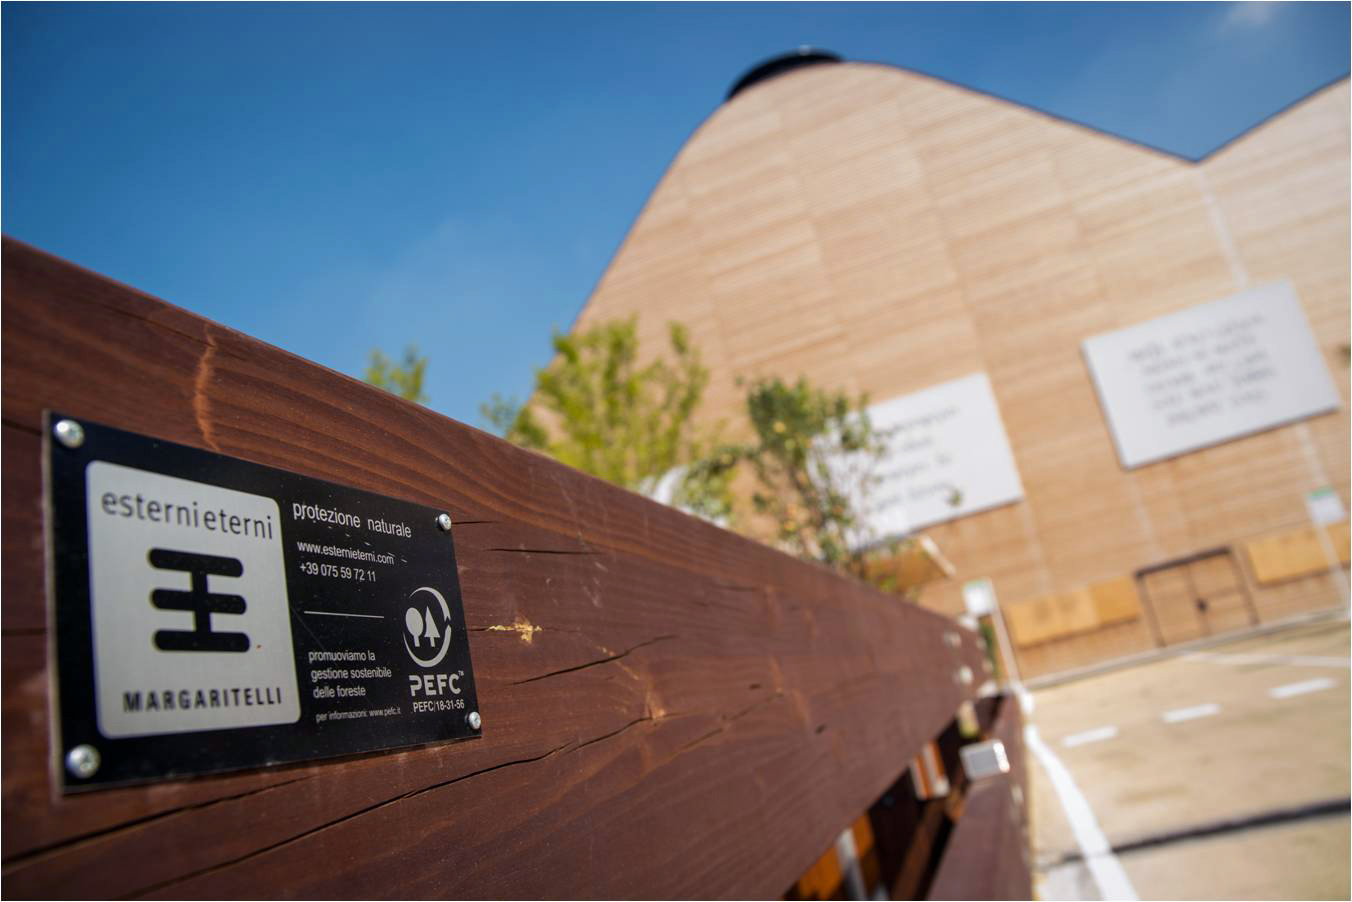 Arquitectos y diseñadores apuestan por la madera certificada PEFC en Expo Milán